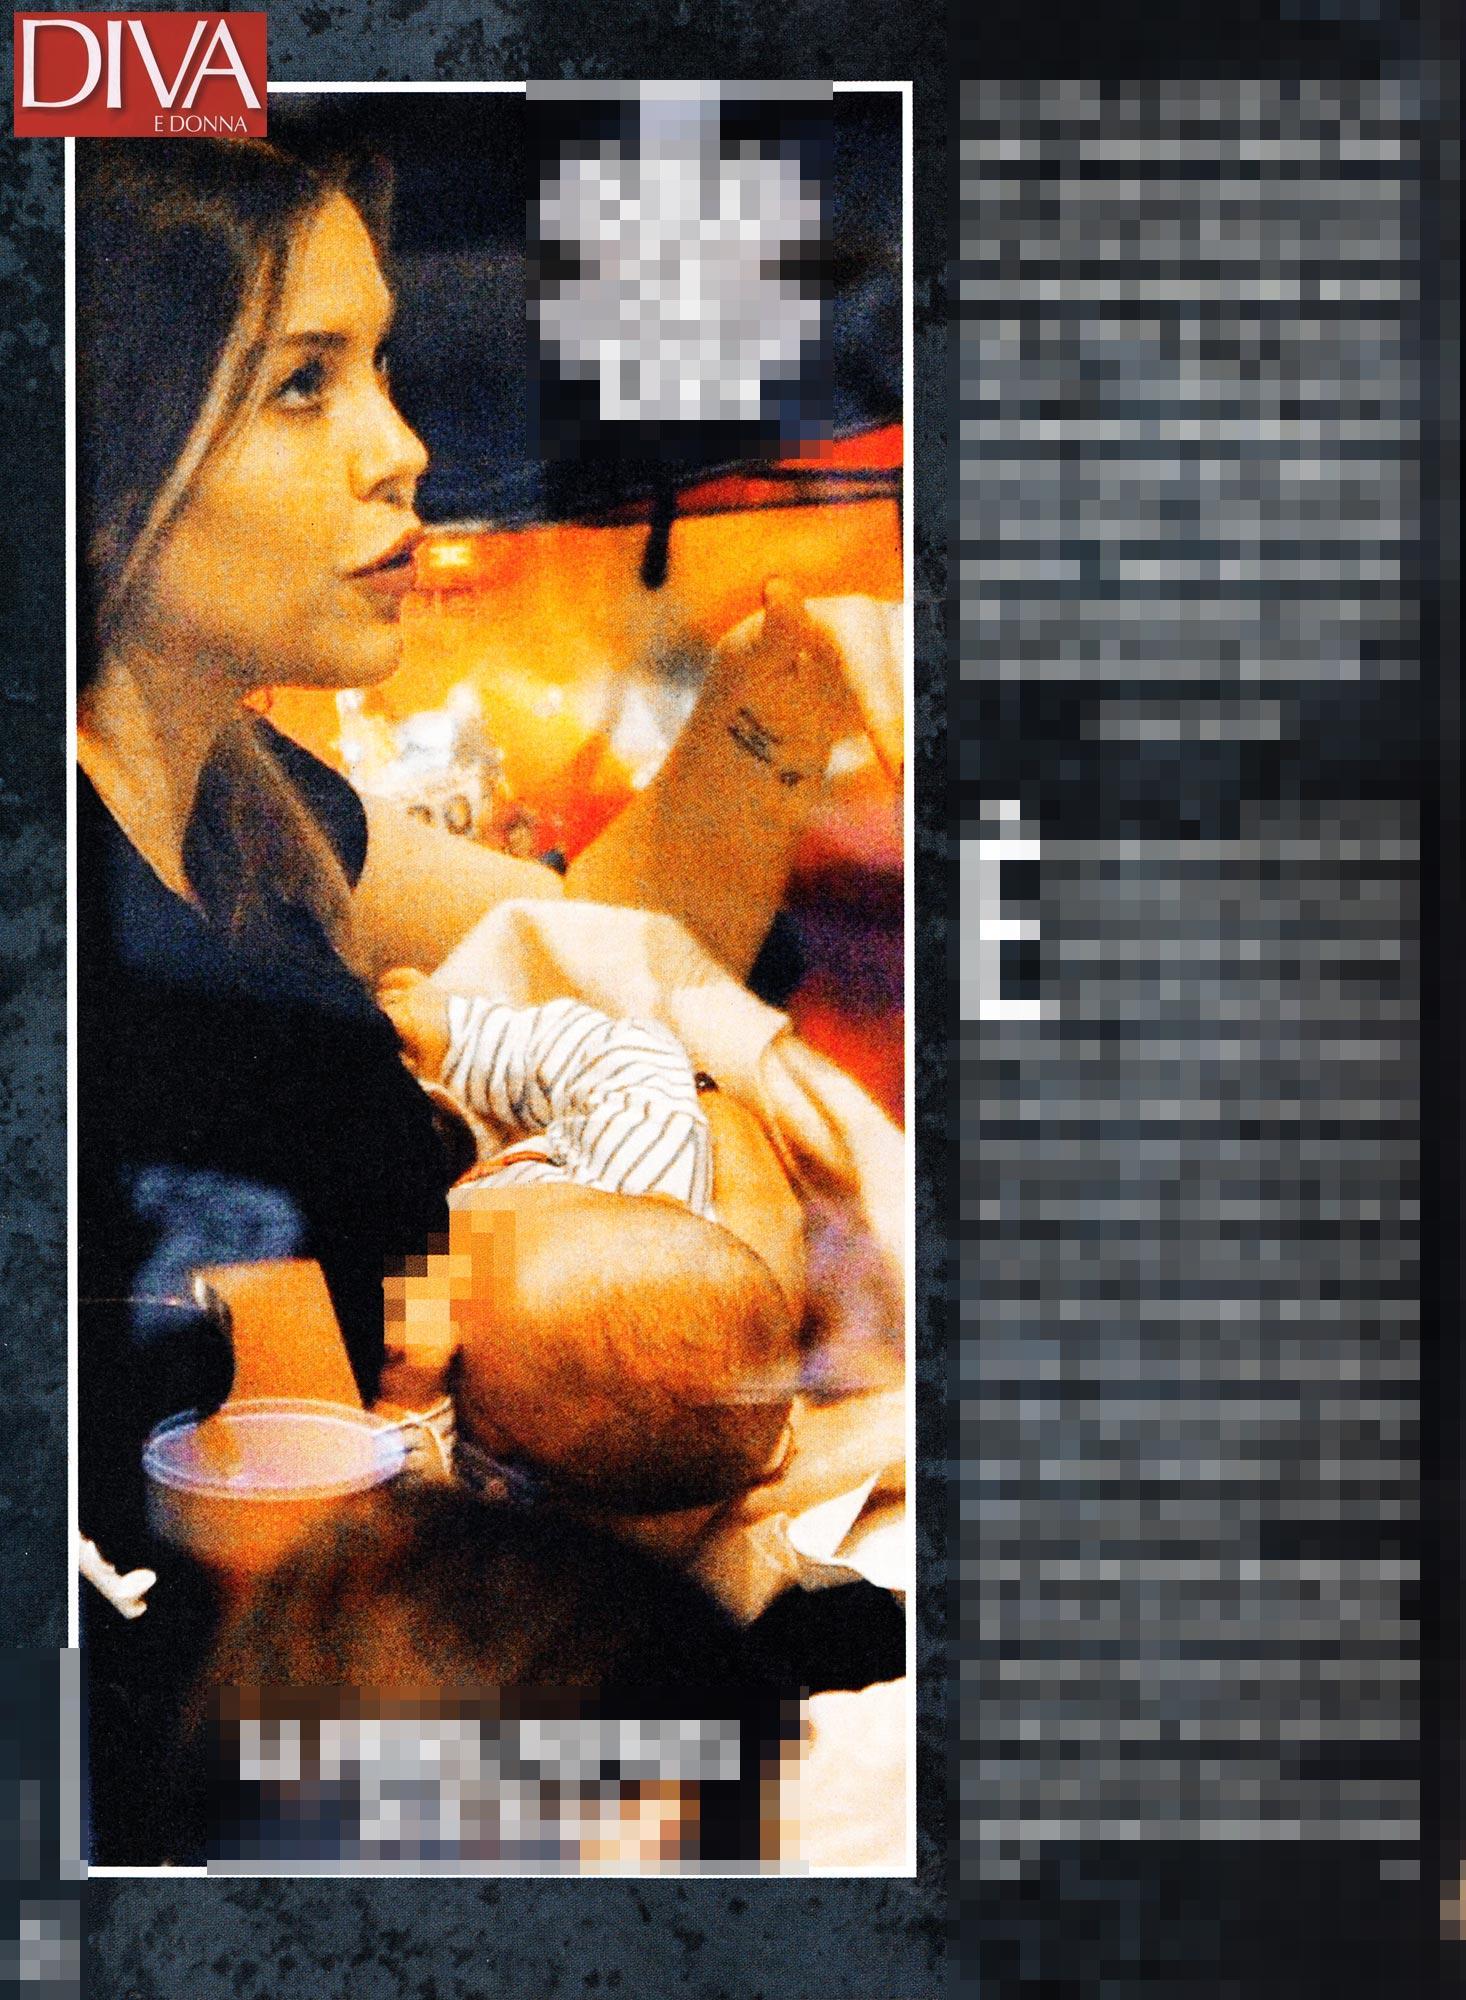 Caracciolo-Vieri, la prima poppata pubblica di Stella